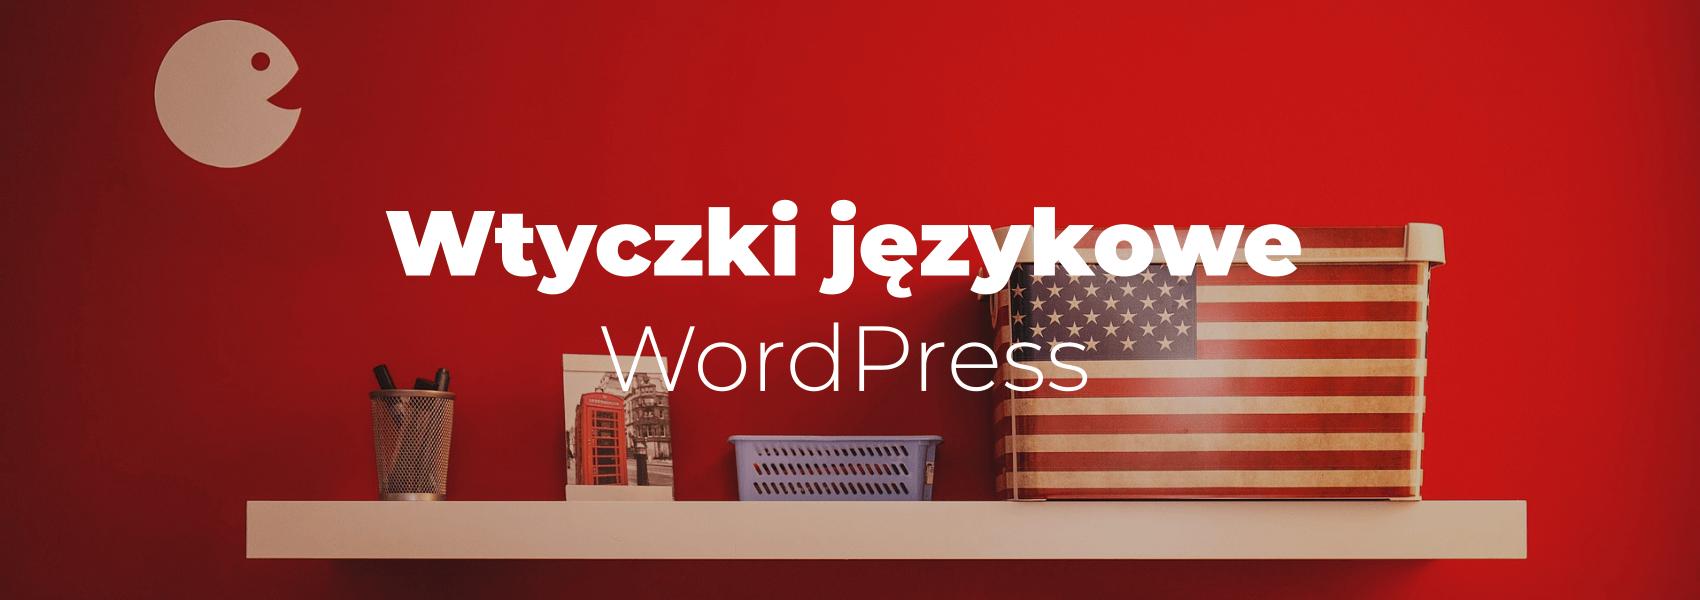 Wtyczki językowe do WordPress